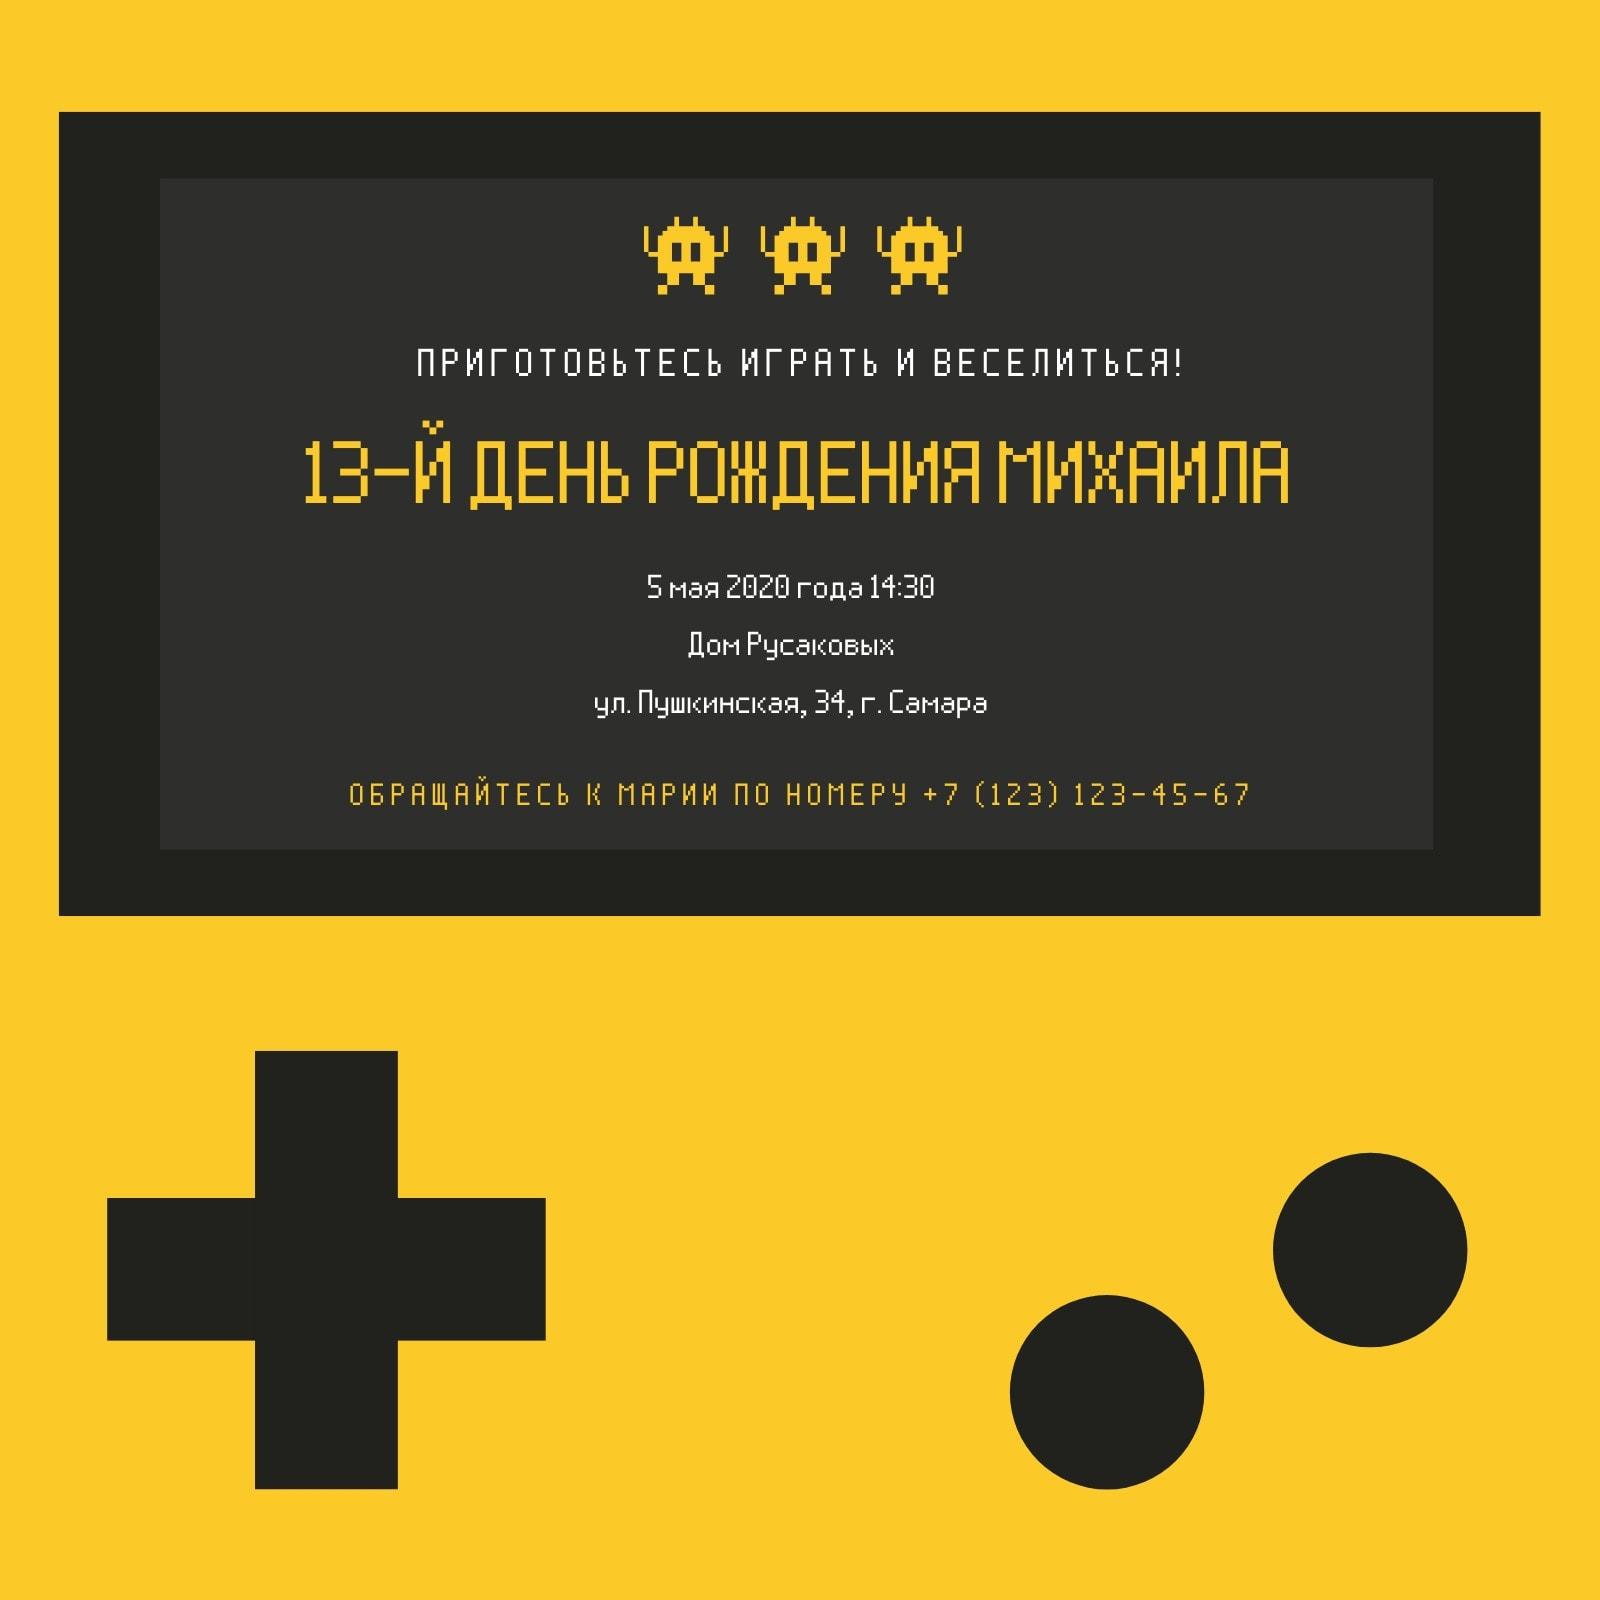 Желтый Олдскульная Аркада День Рождения Приглашение